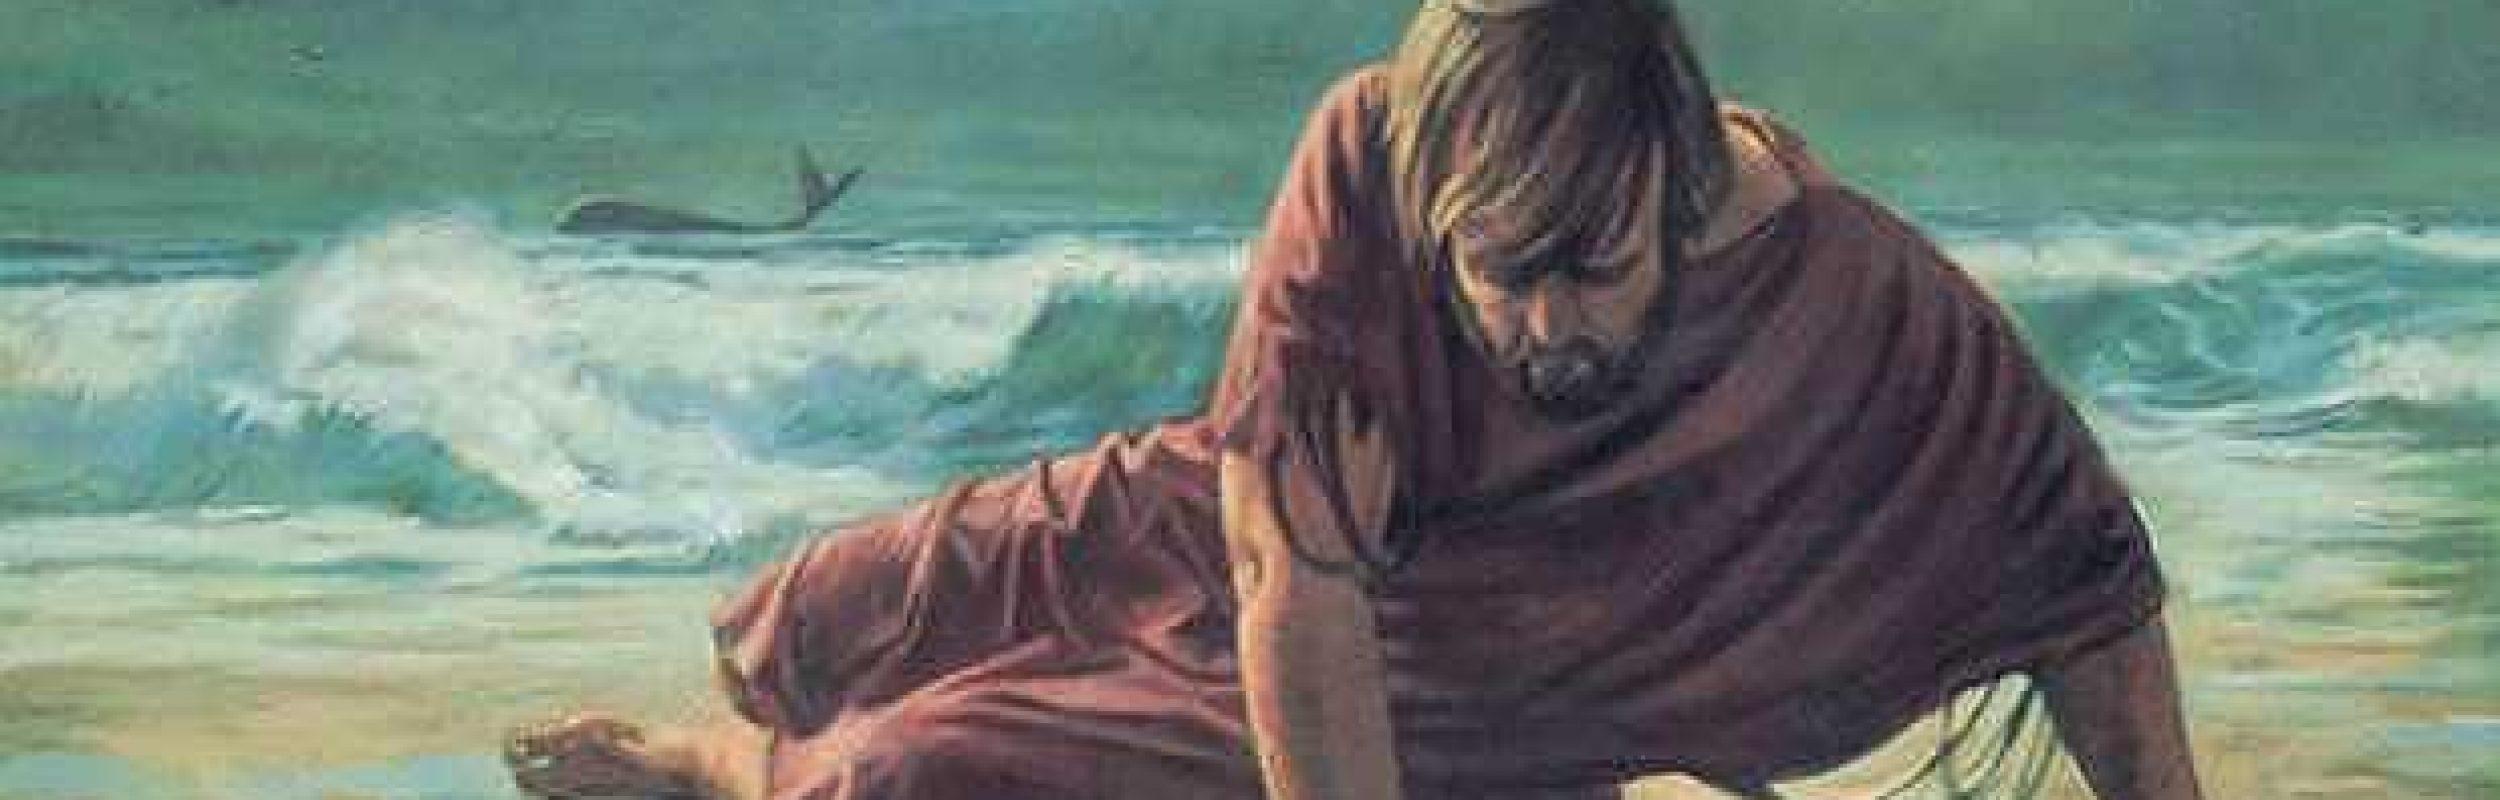 La cólera de Jonás y la compasión del Señor